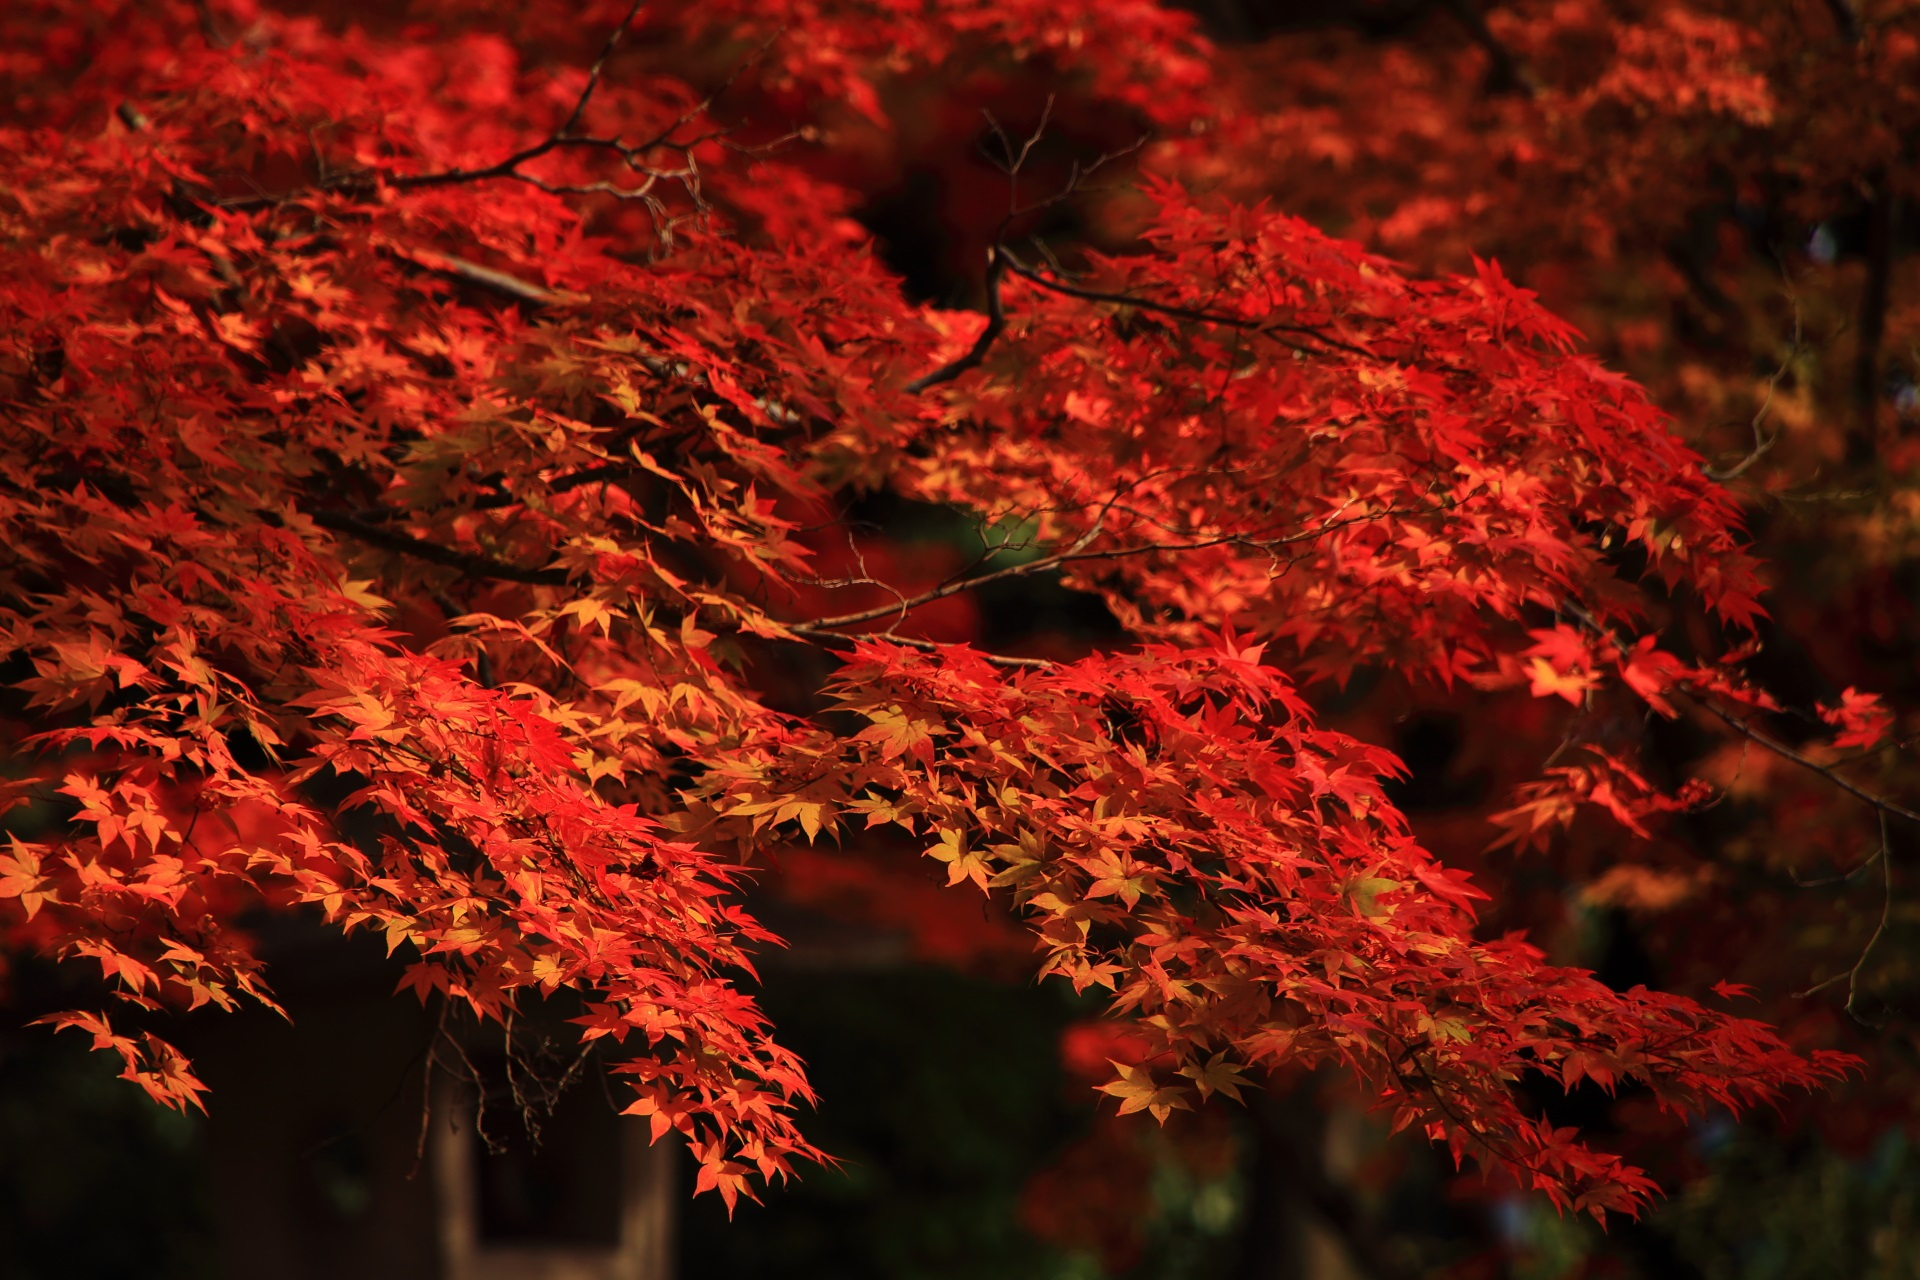 竹中稲荷神社の秋風に揺らぐ華やかな紅葉